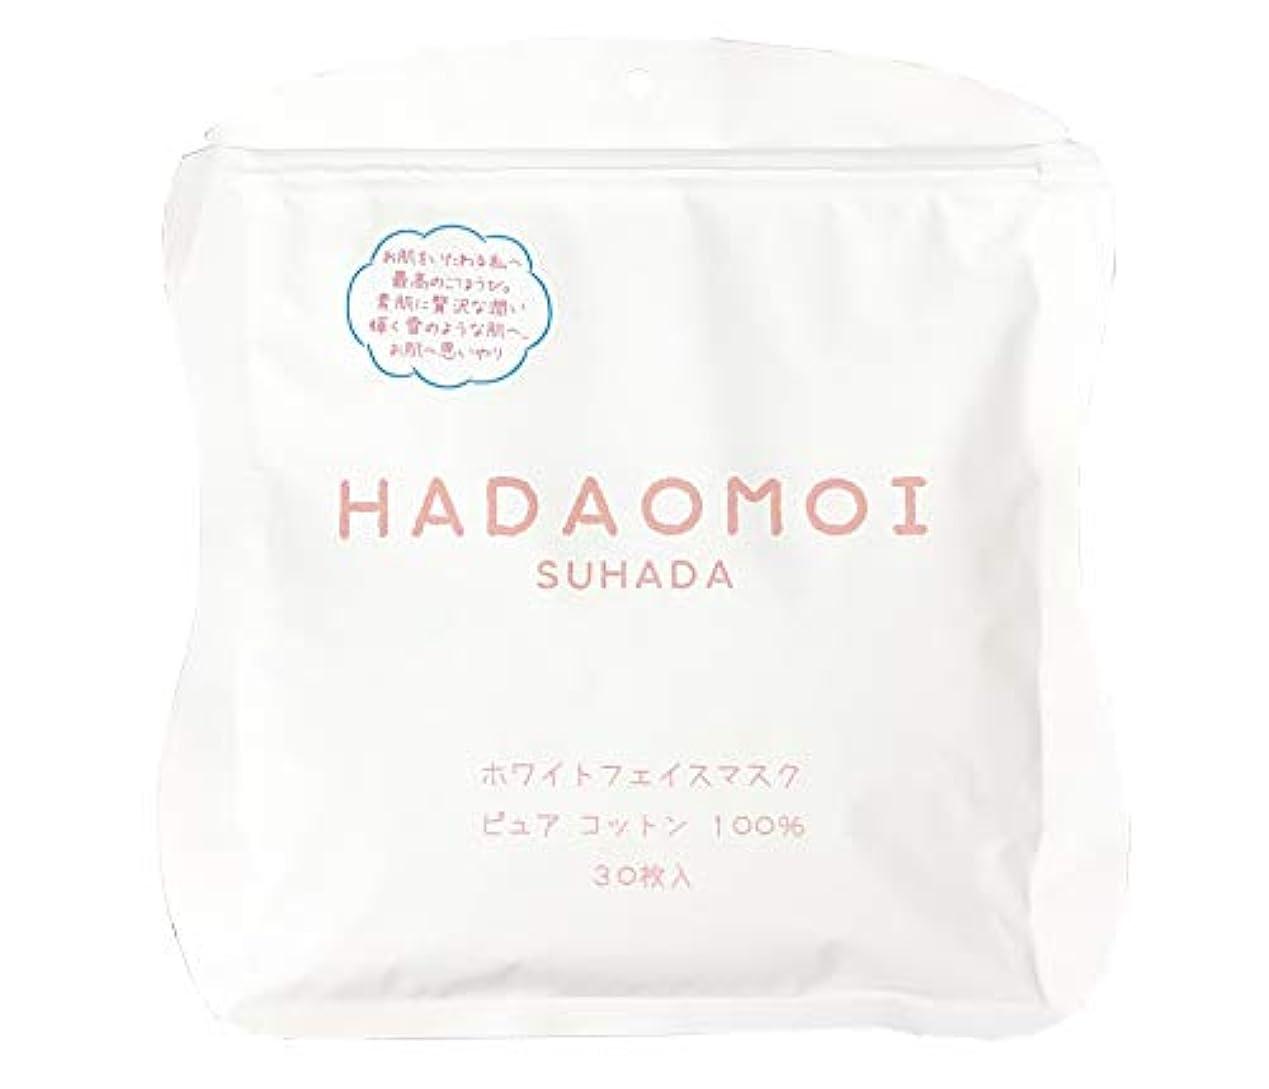 獣チャート急勾配のHADAOMOI(ハダオモイ) ホワイトフェイスマスク 30枚入